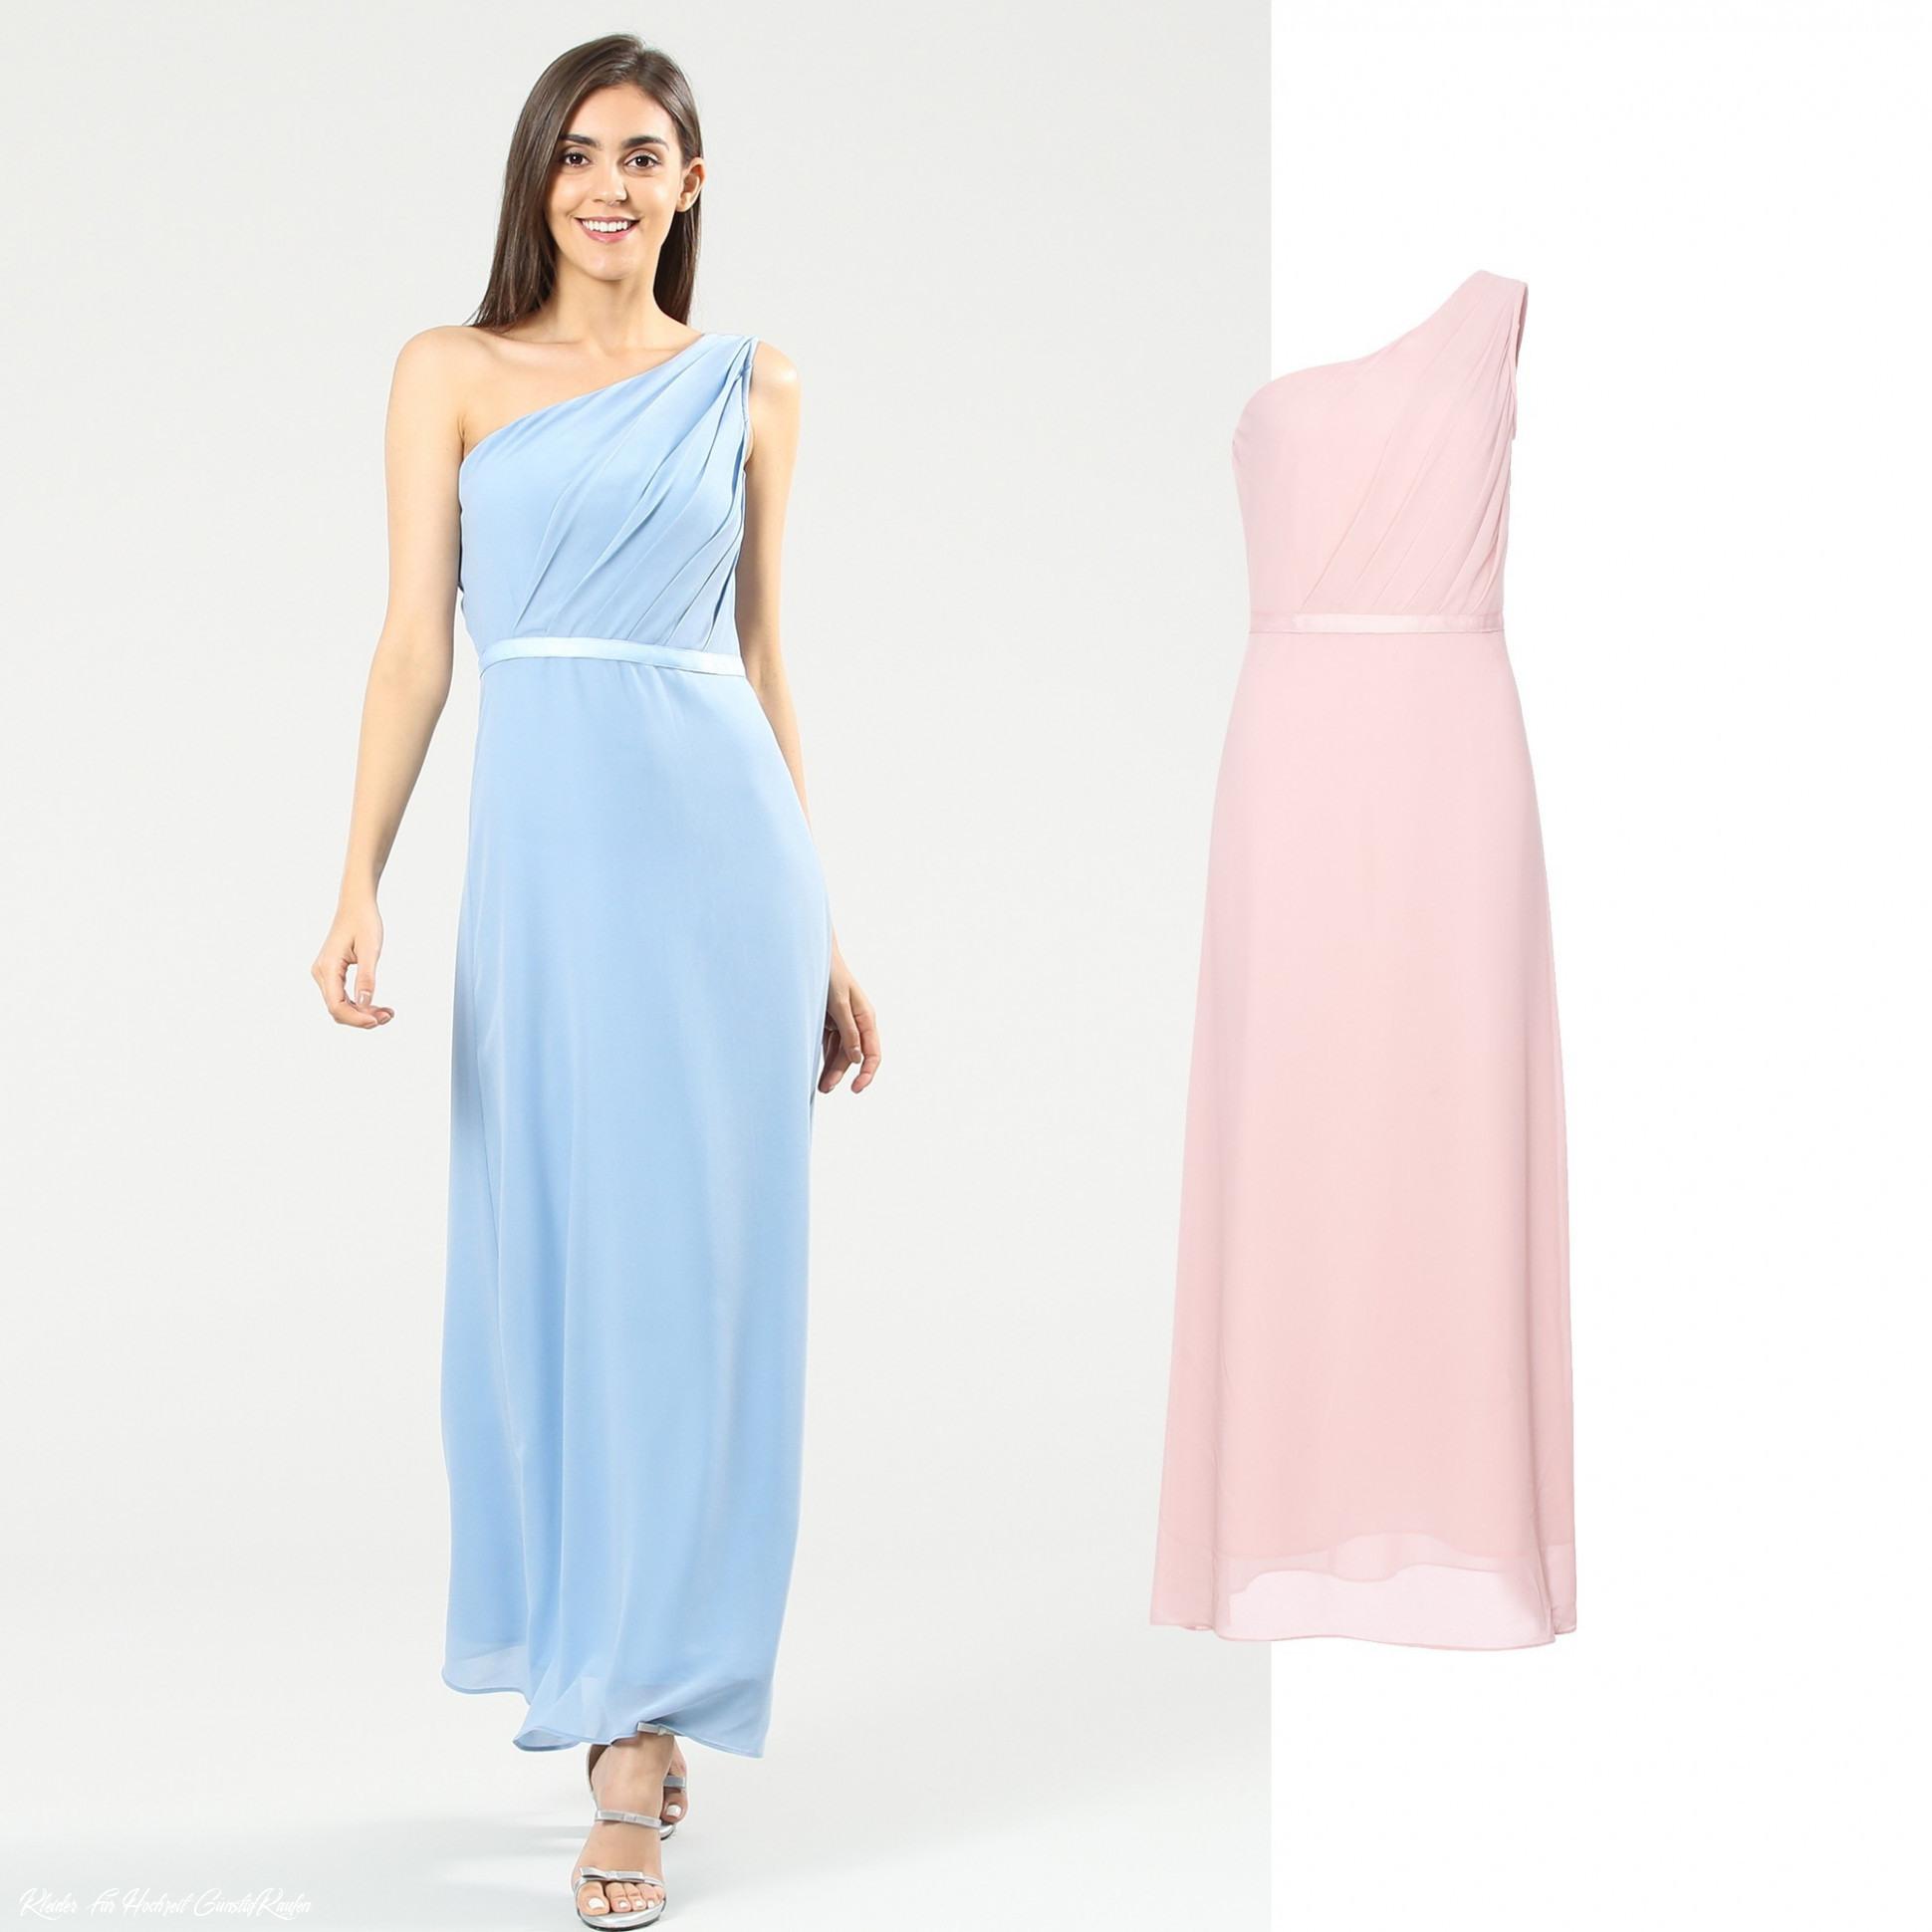 Kleider Für Hochzeit Günstig Kaufen - Abendkleider